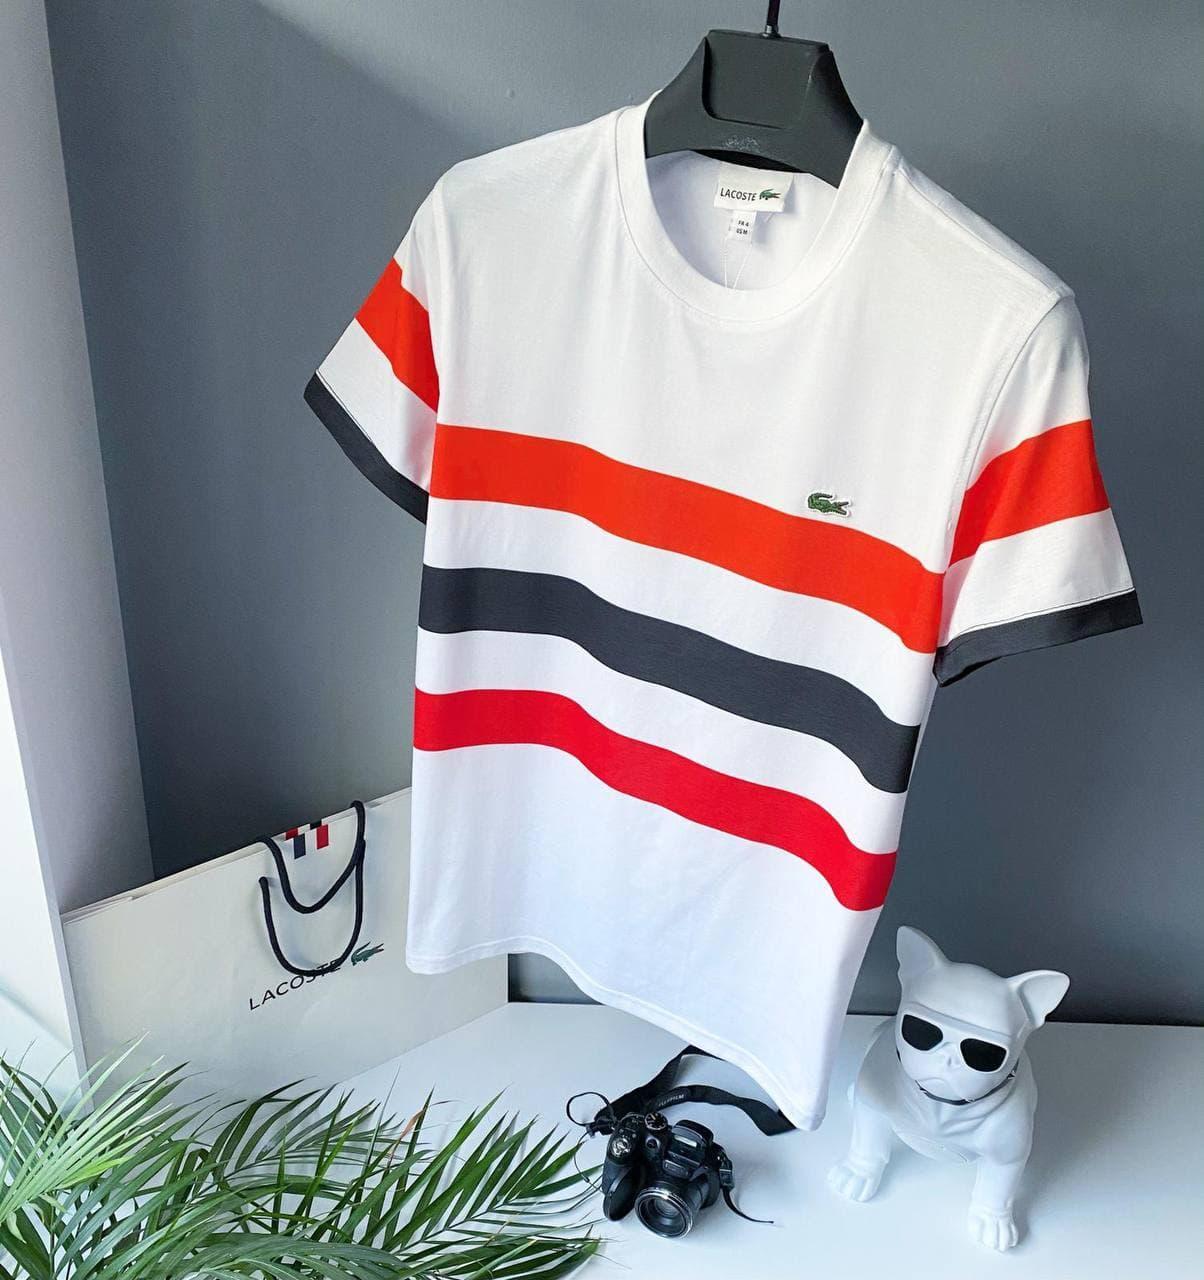 Чоловіча футболка Lacoste білого кольору з кольоровими смужками